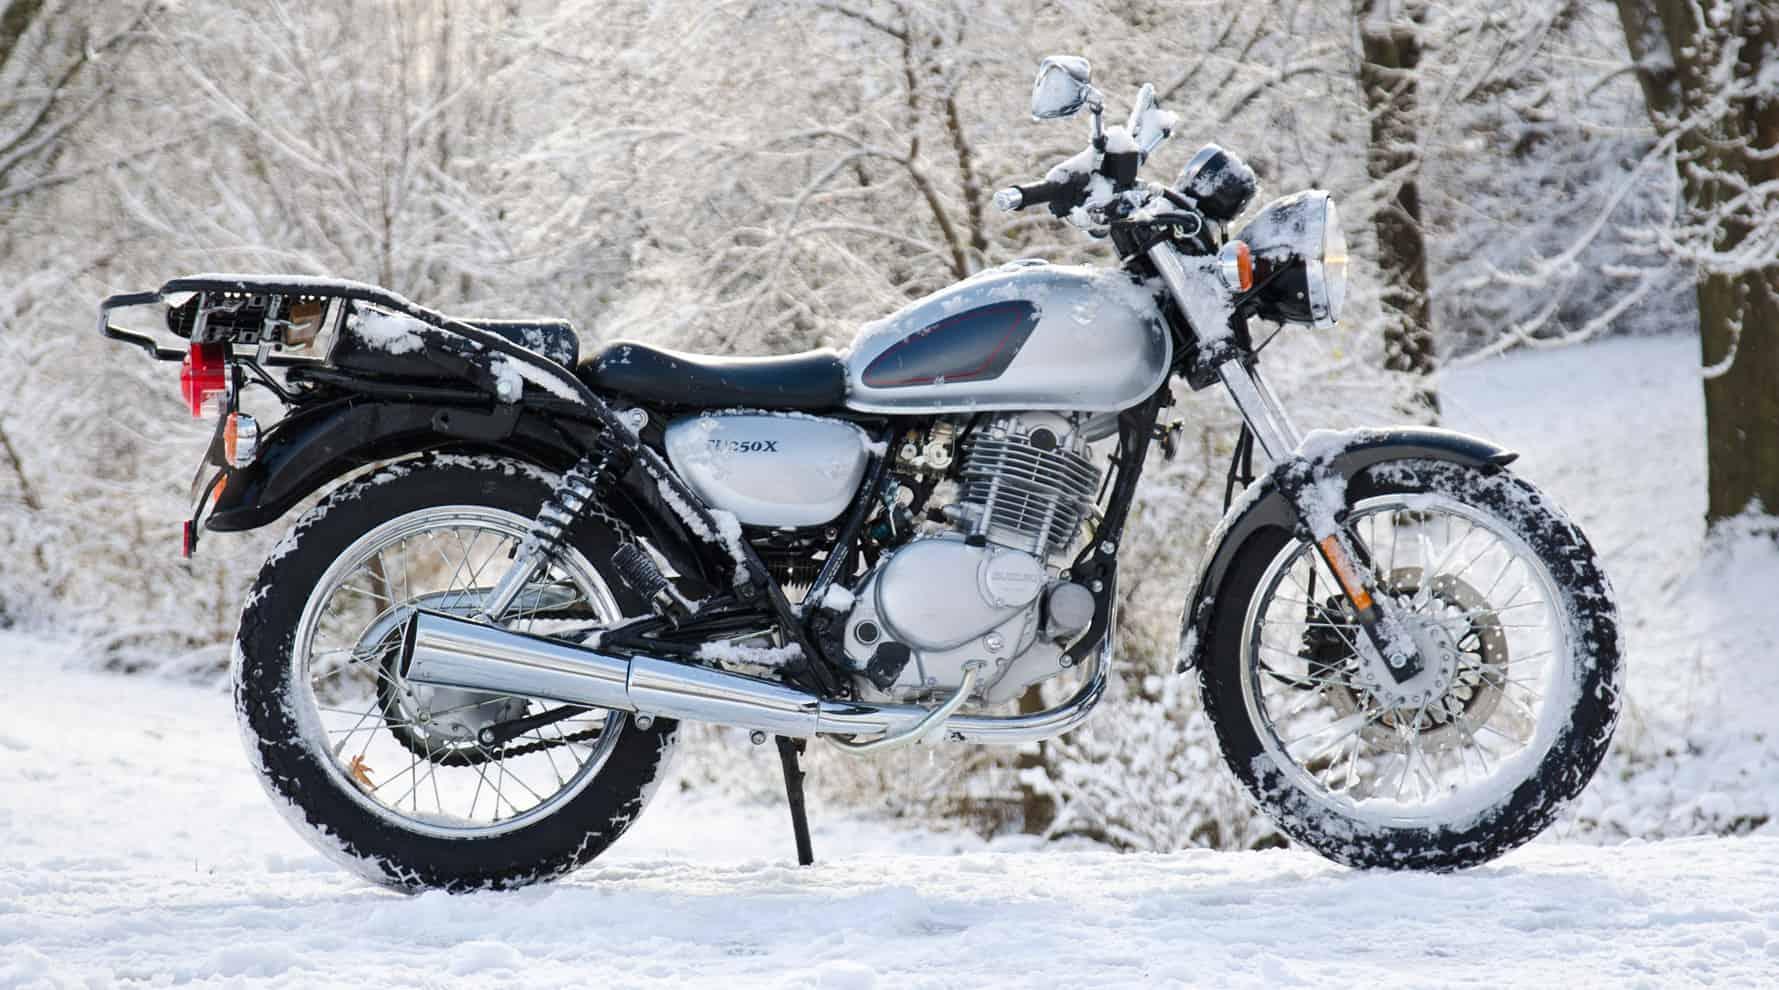 Suzuki TU250X – commuter motorcycle